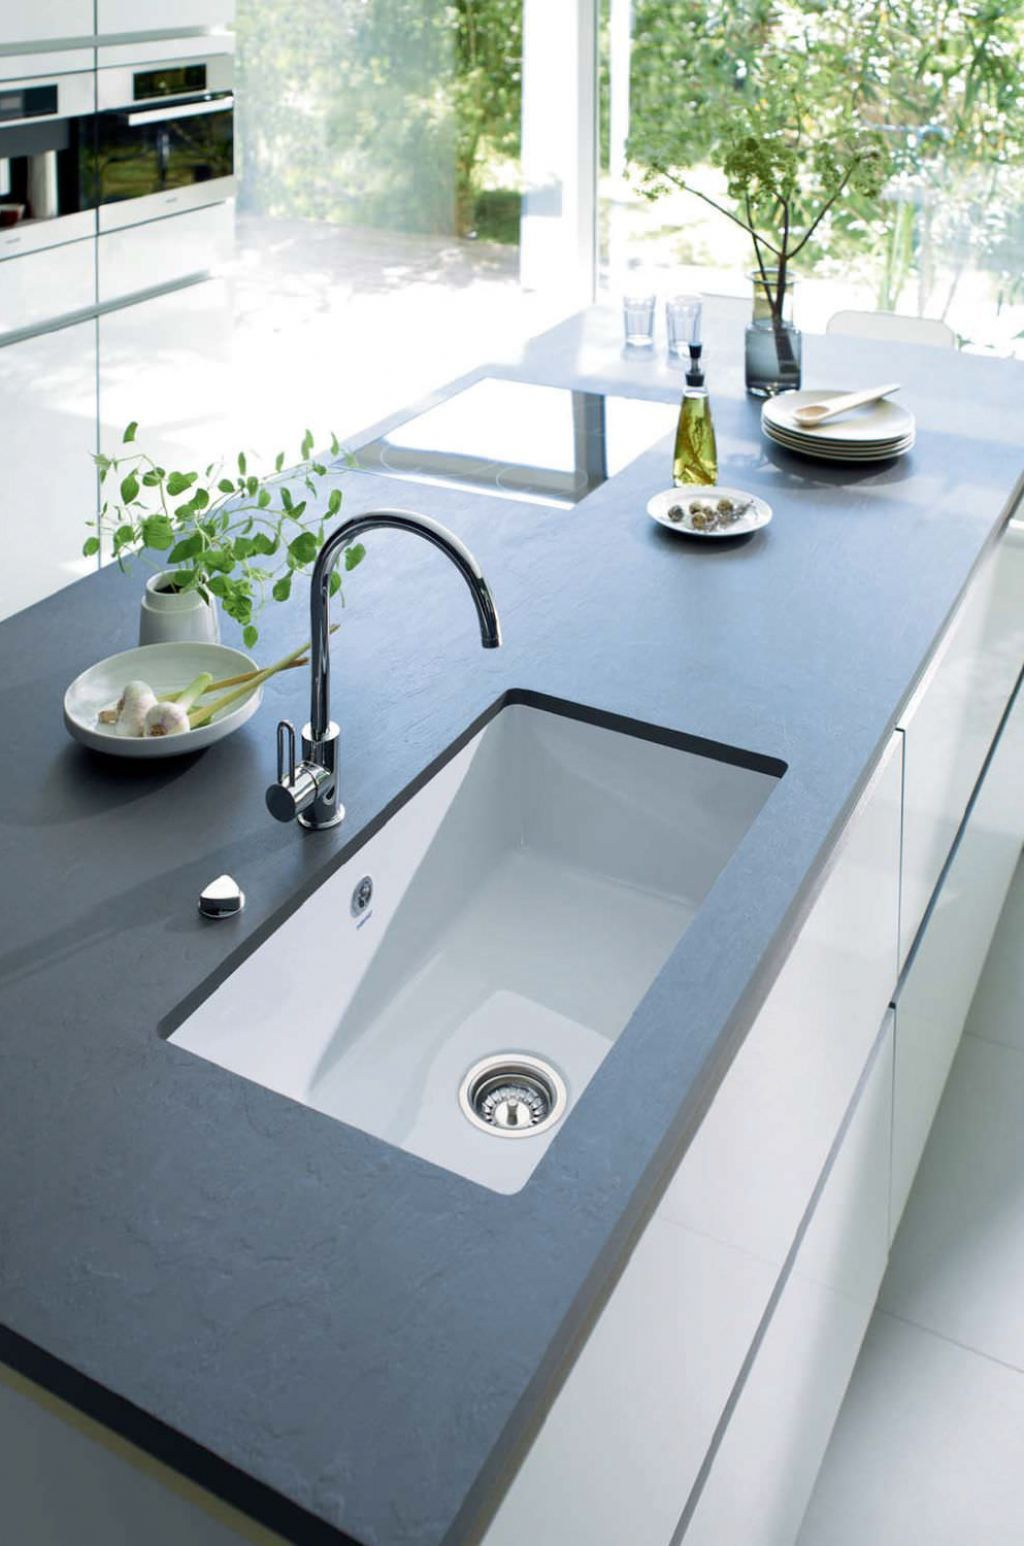 Kitchen , Inspiring Modern Kitchen Sink Design with Glass